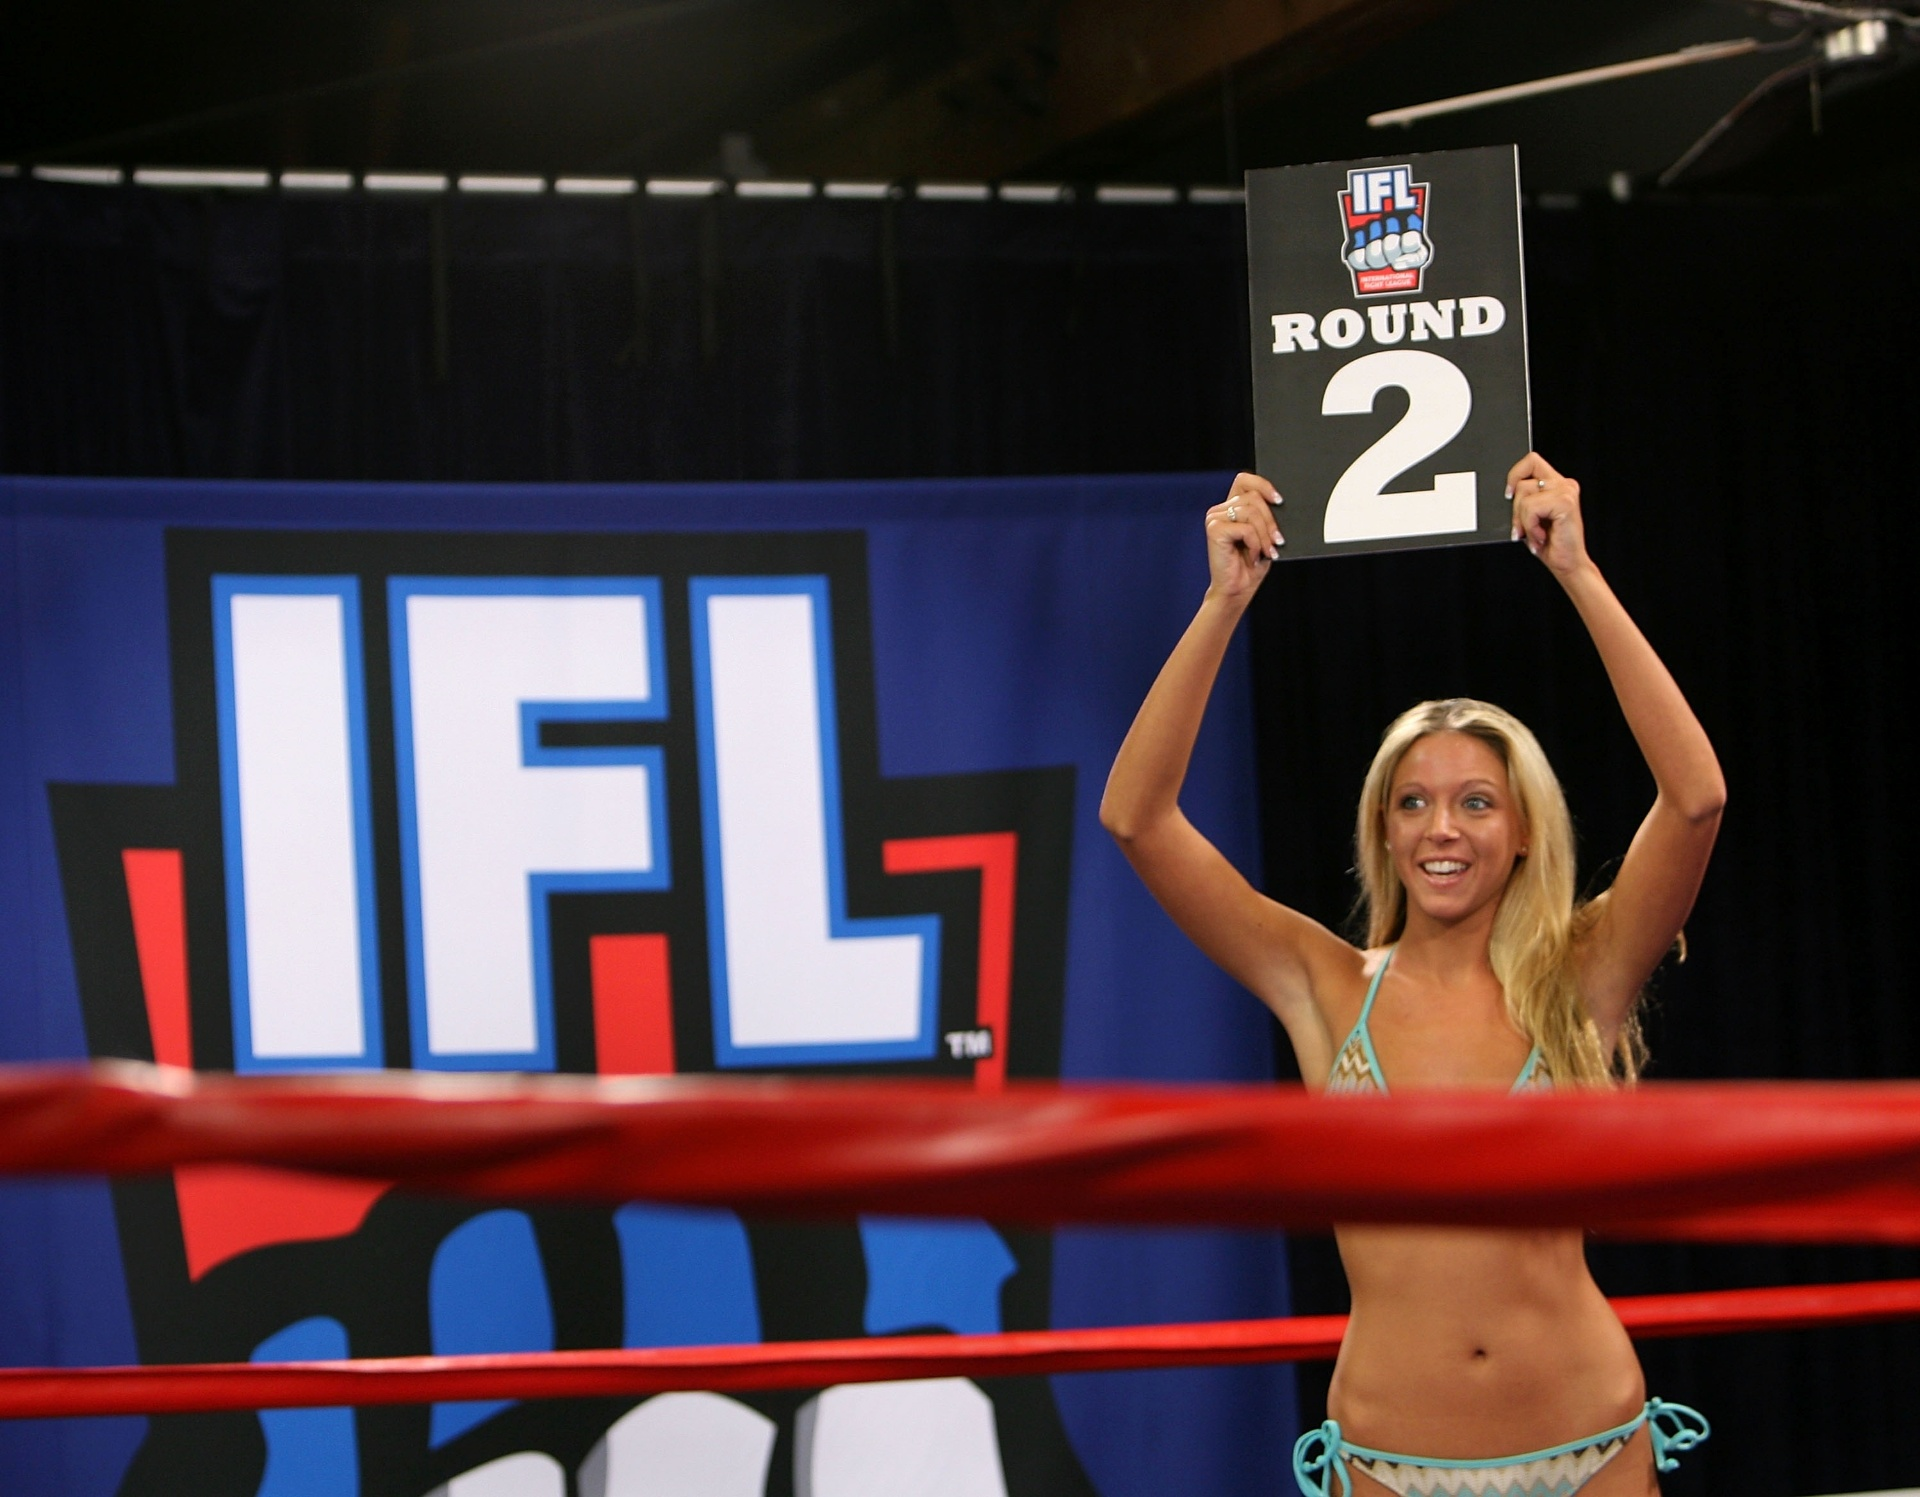 Ring girls de biquíni são comuns em eventos de boxe